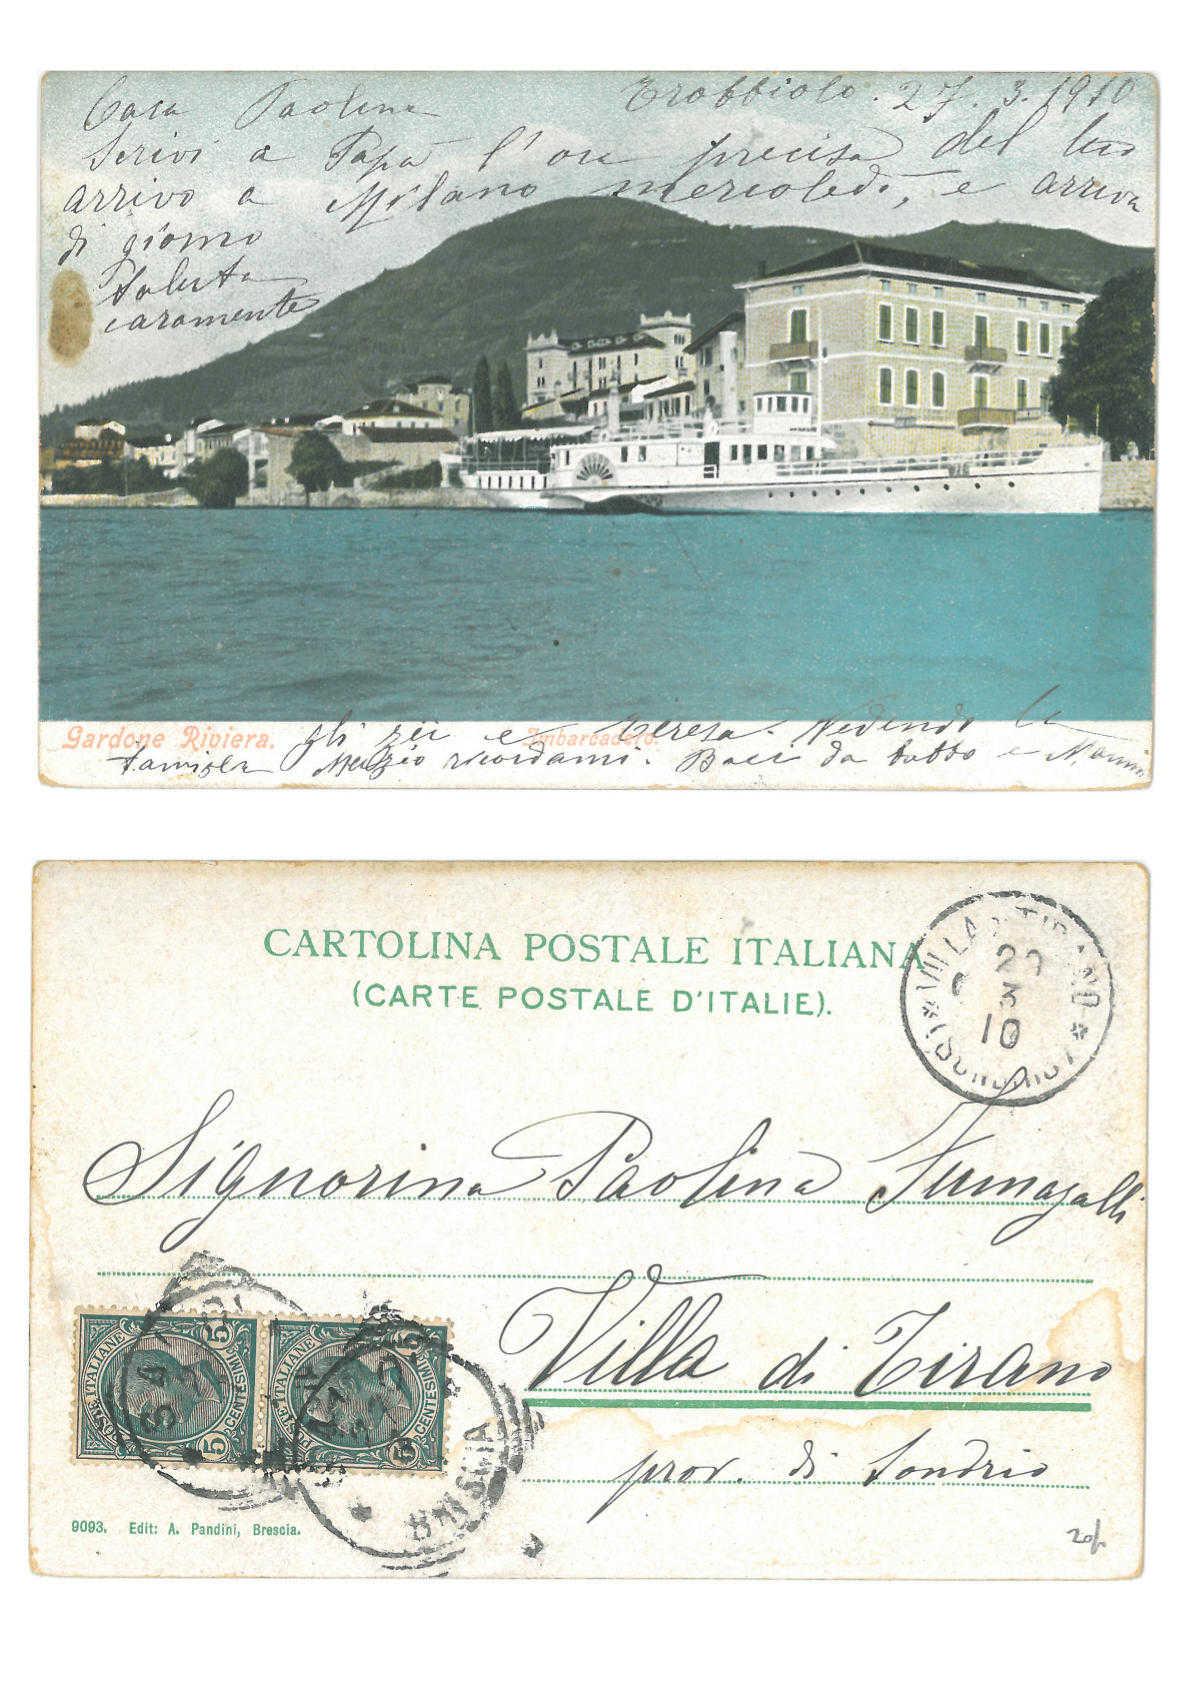 Gardone Riviera - Imbarcadero